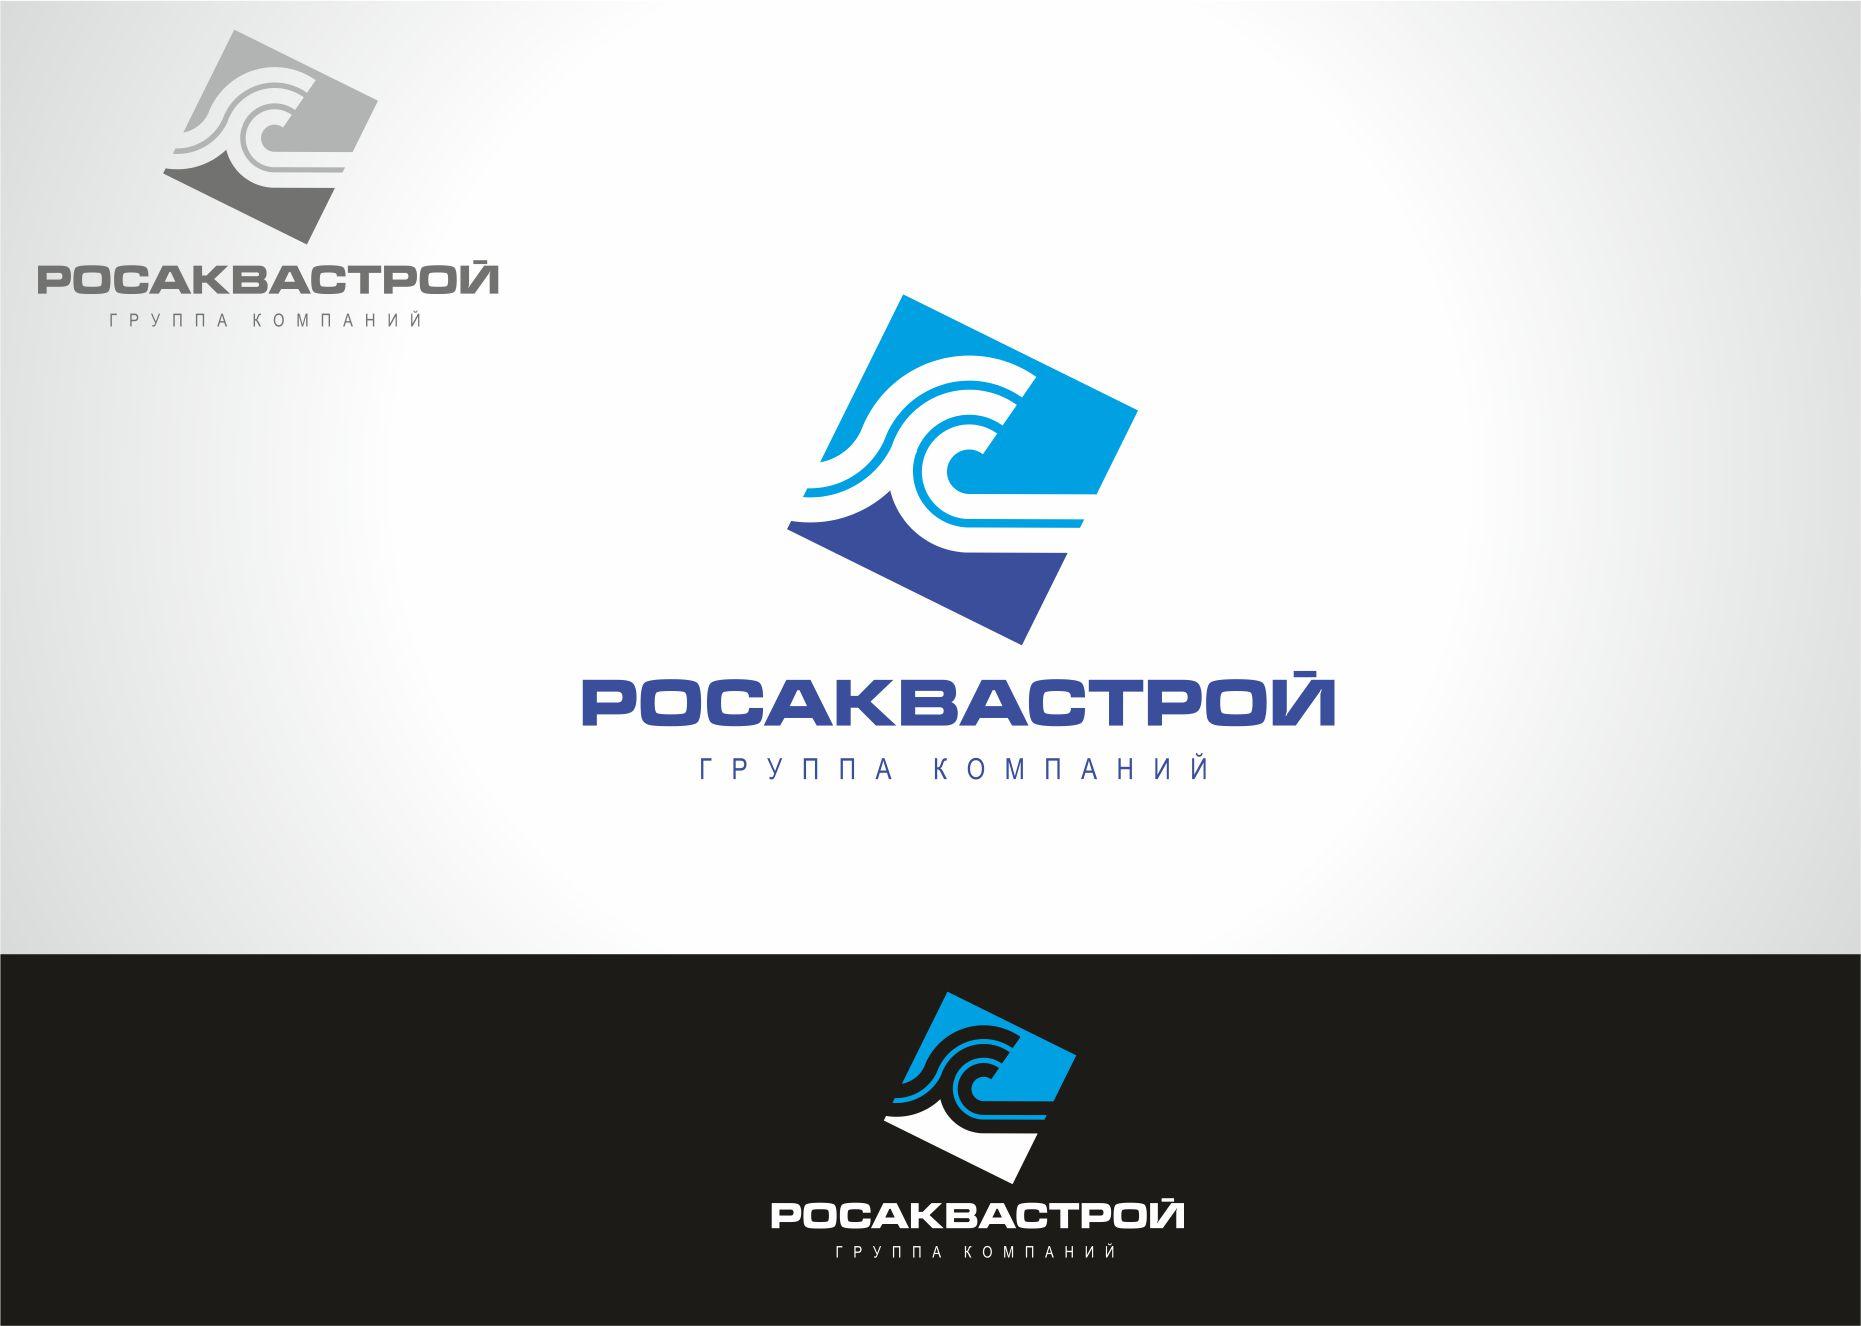 Создание логотипа фото f_4eb00c35dab5b.jpg